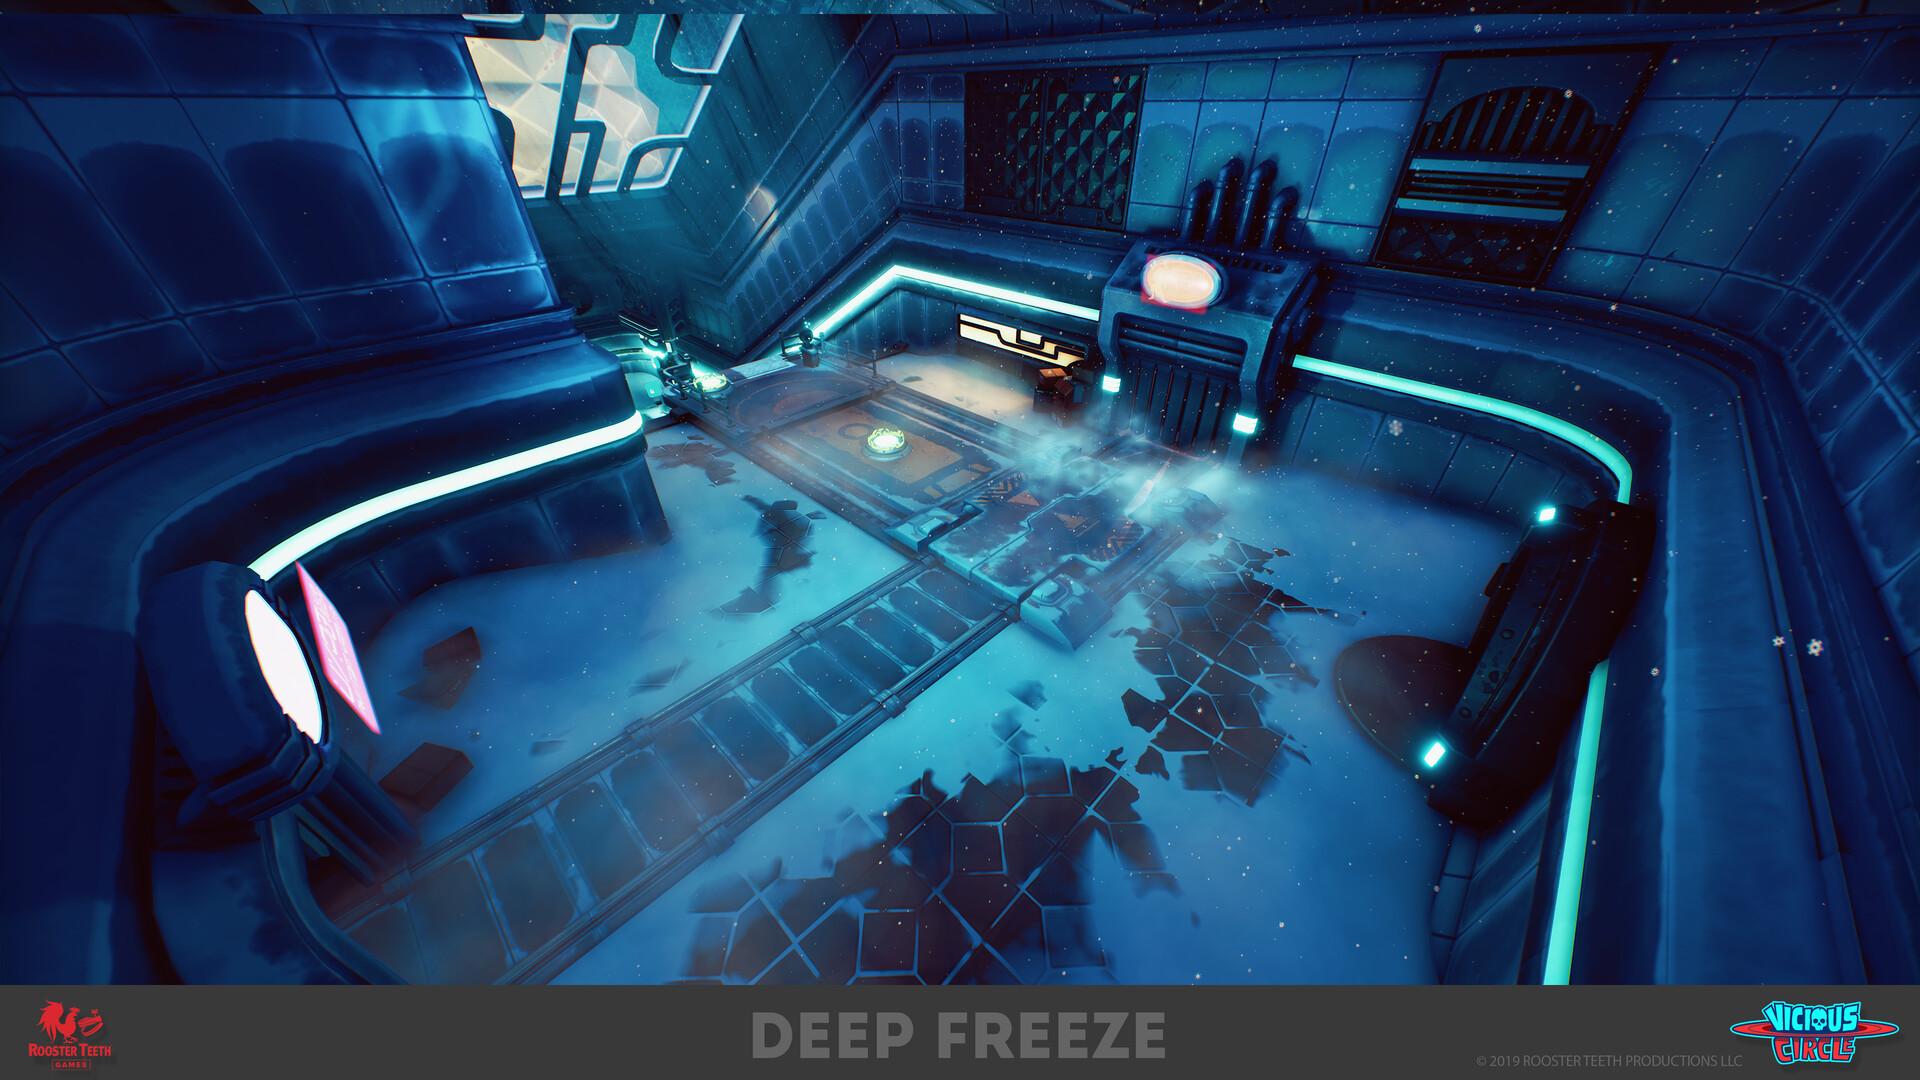 Markel milanes deep freeze renders 03